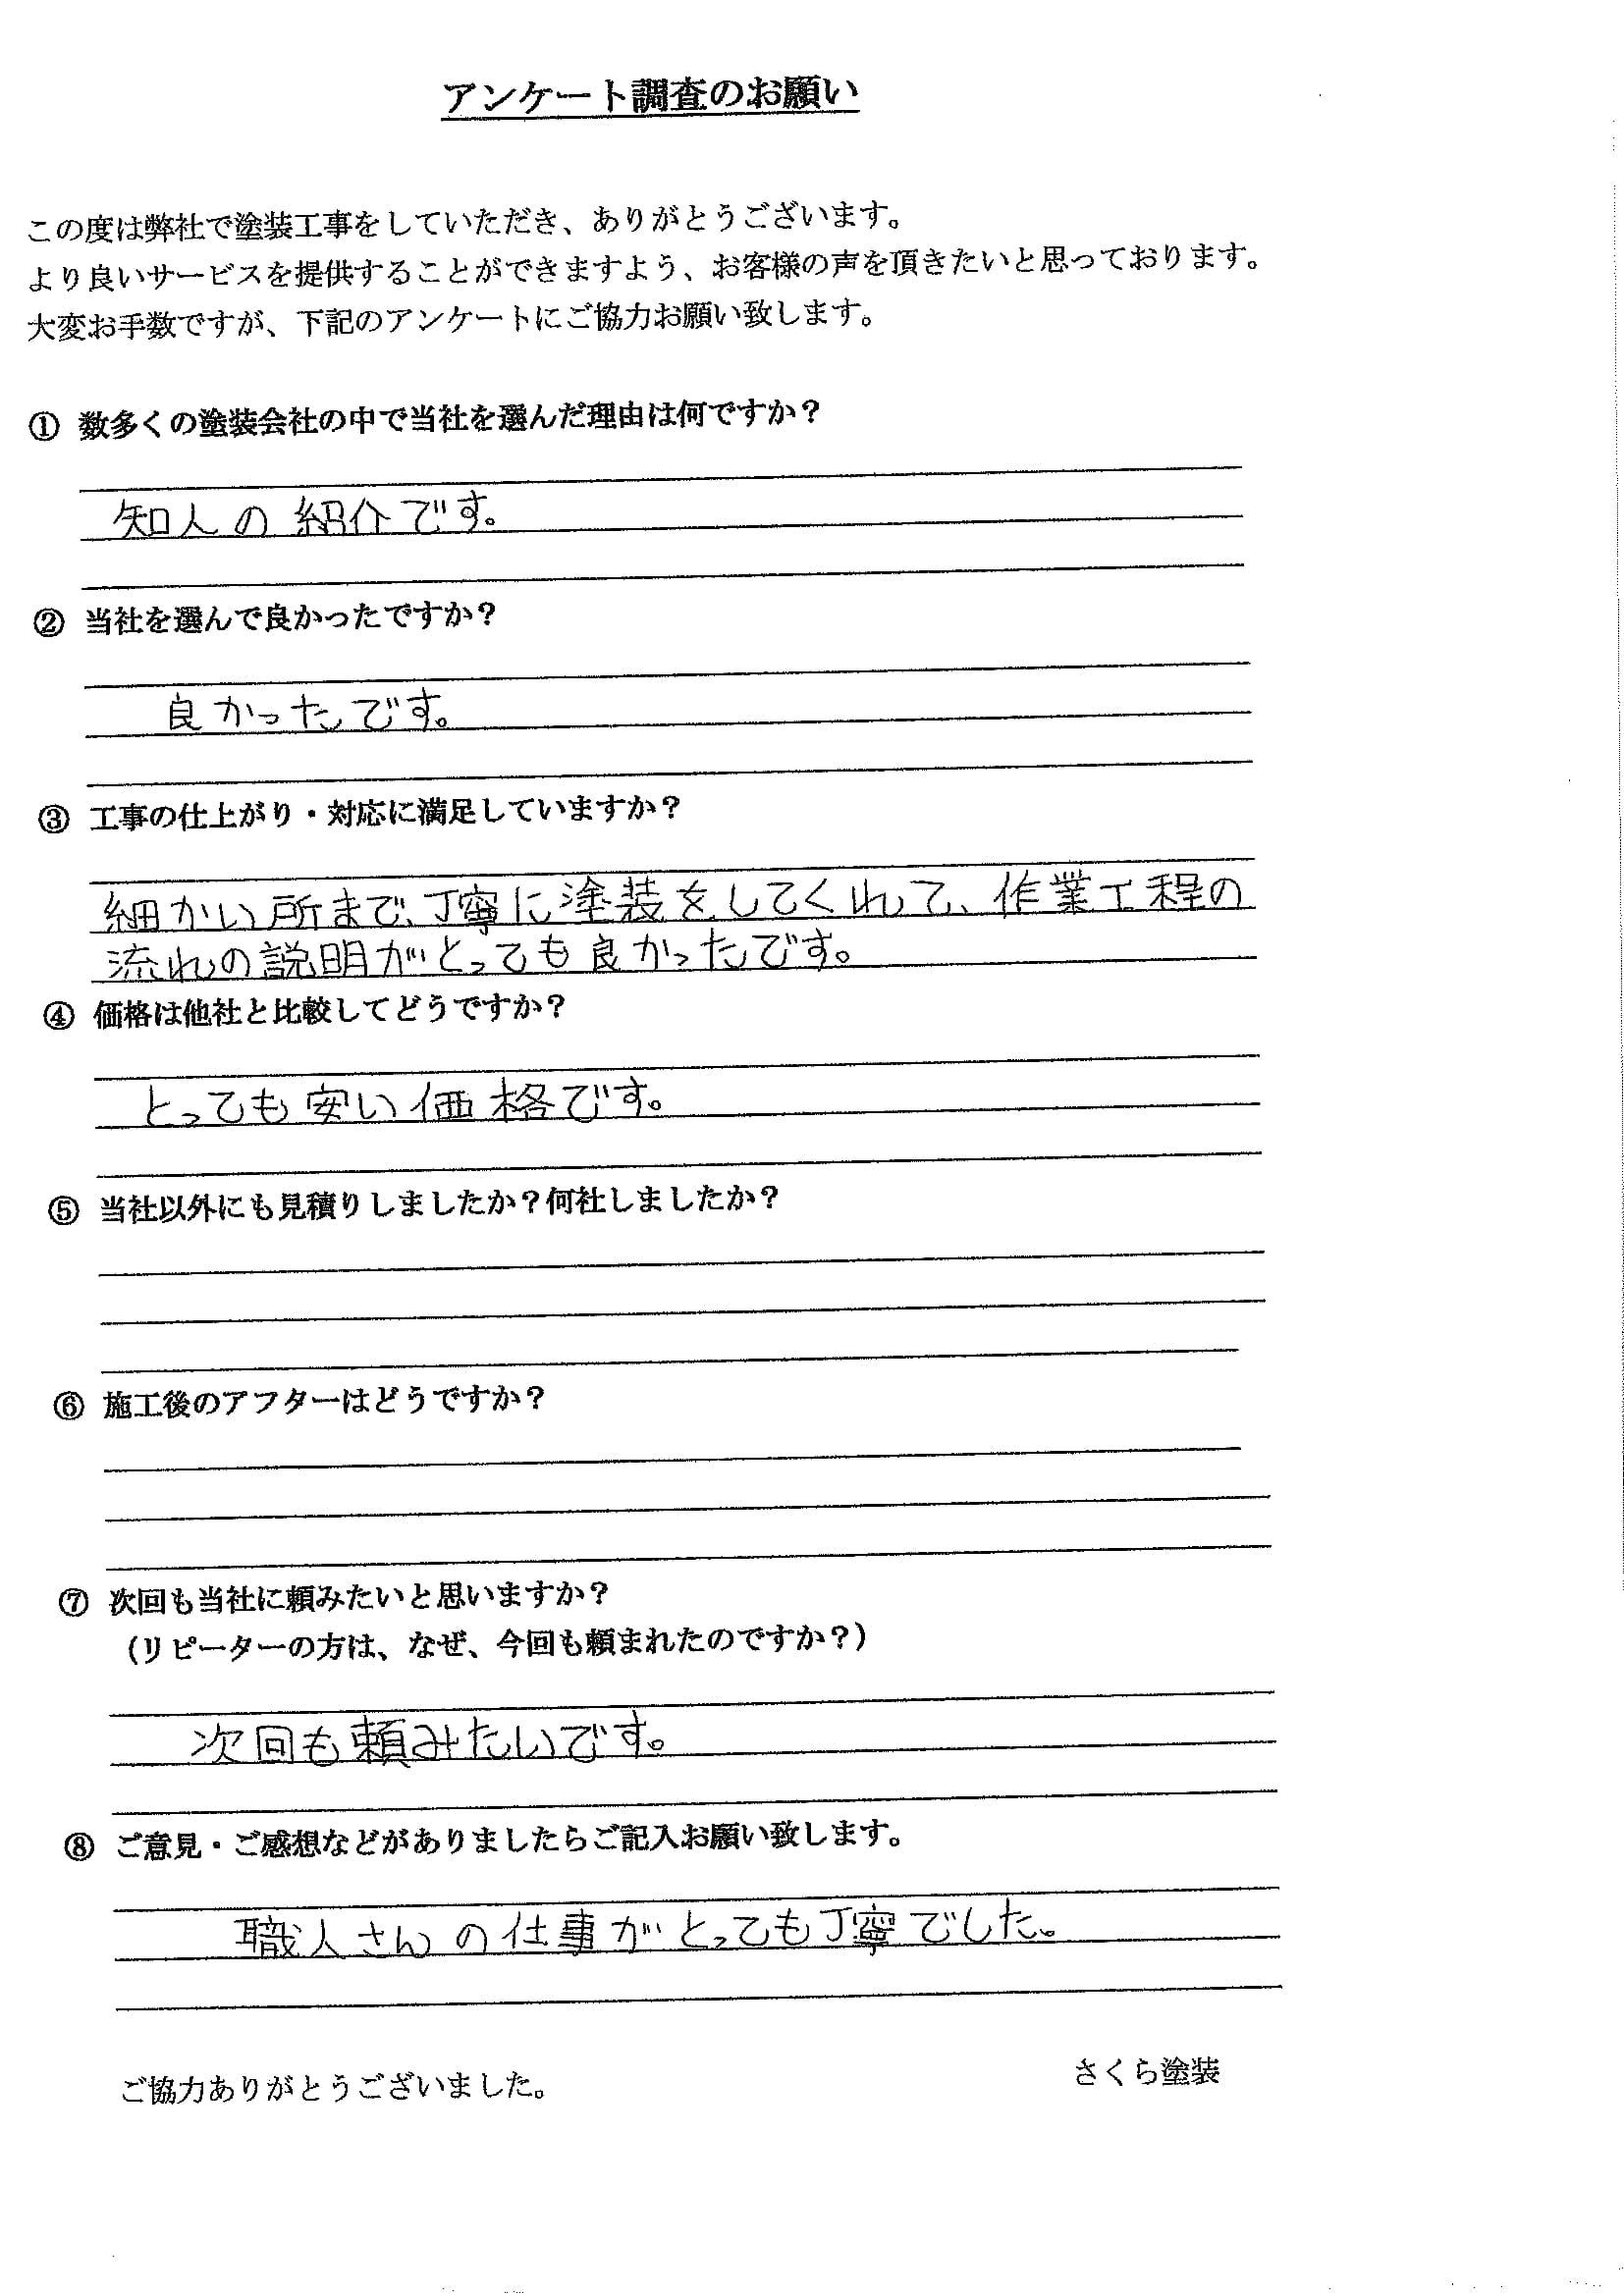 さくら塗装 埼玉県川口市_T様_外壁塗装工事_評価